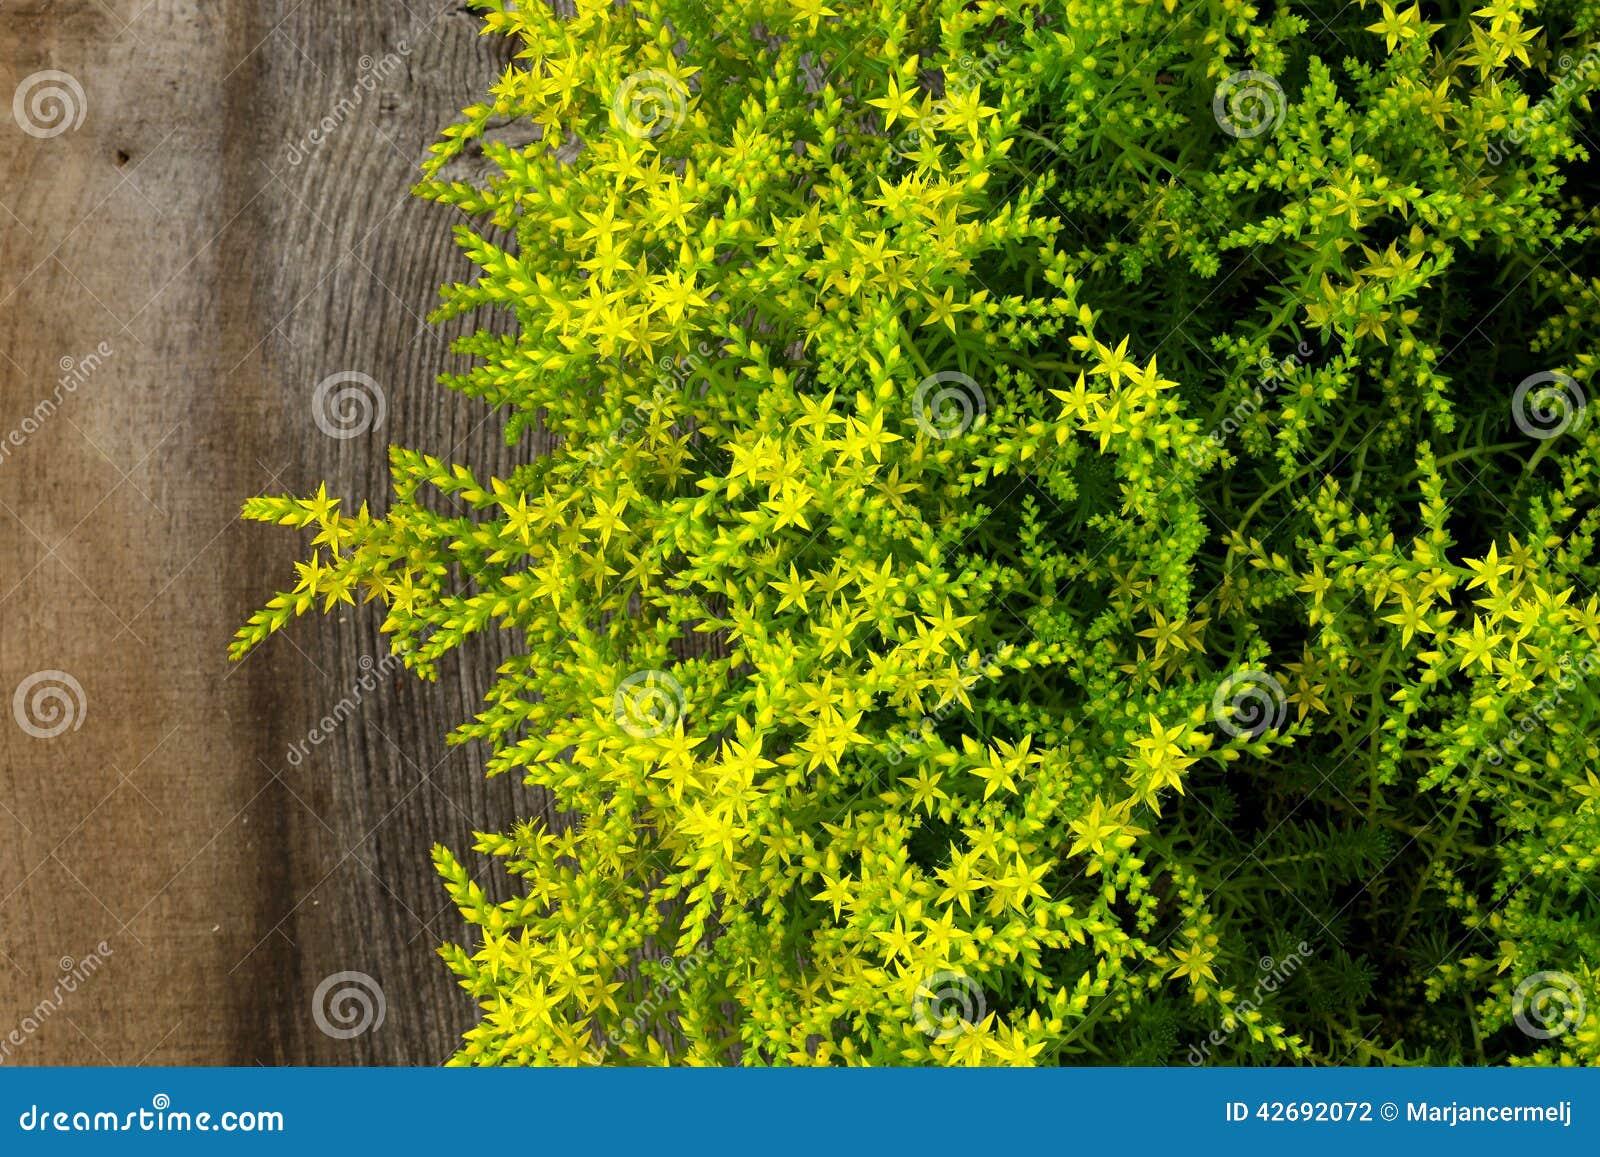 Yellow Blooming Sedum Small Star Shaped Flowers Rockery Garden P